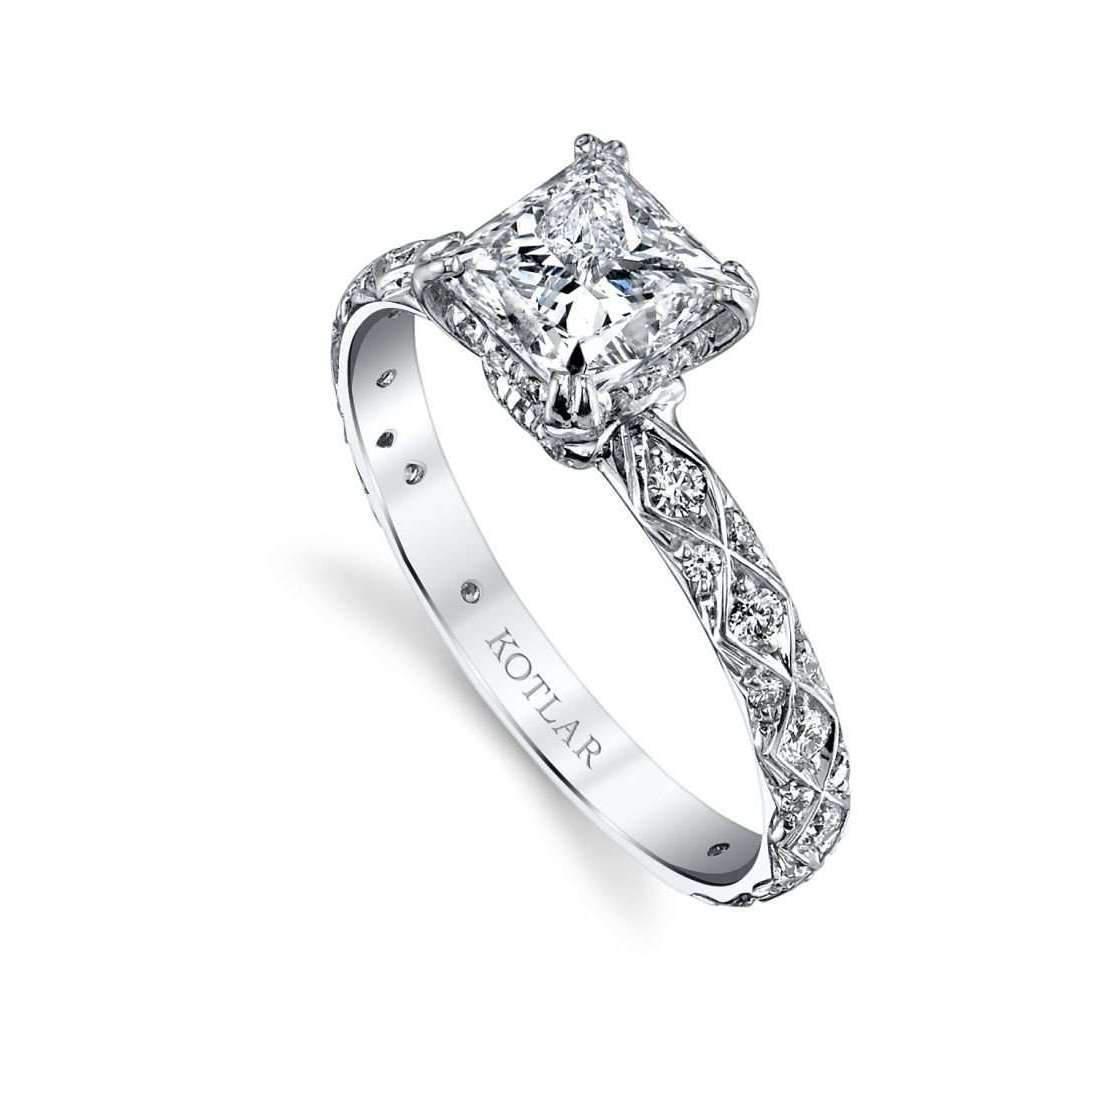 Harry Kotlar Princess Cut Unity Ring - UK M - US 6 - EU 52 3/4 SZ38TIs